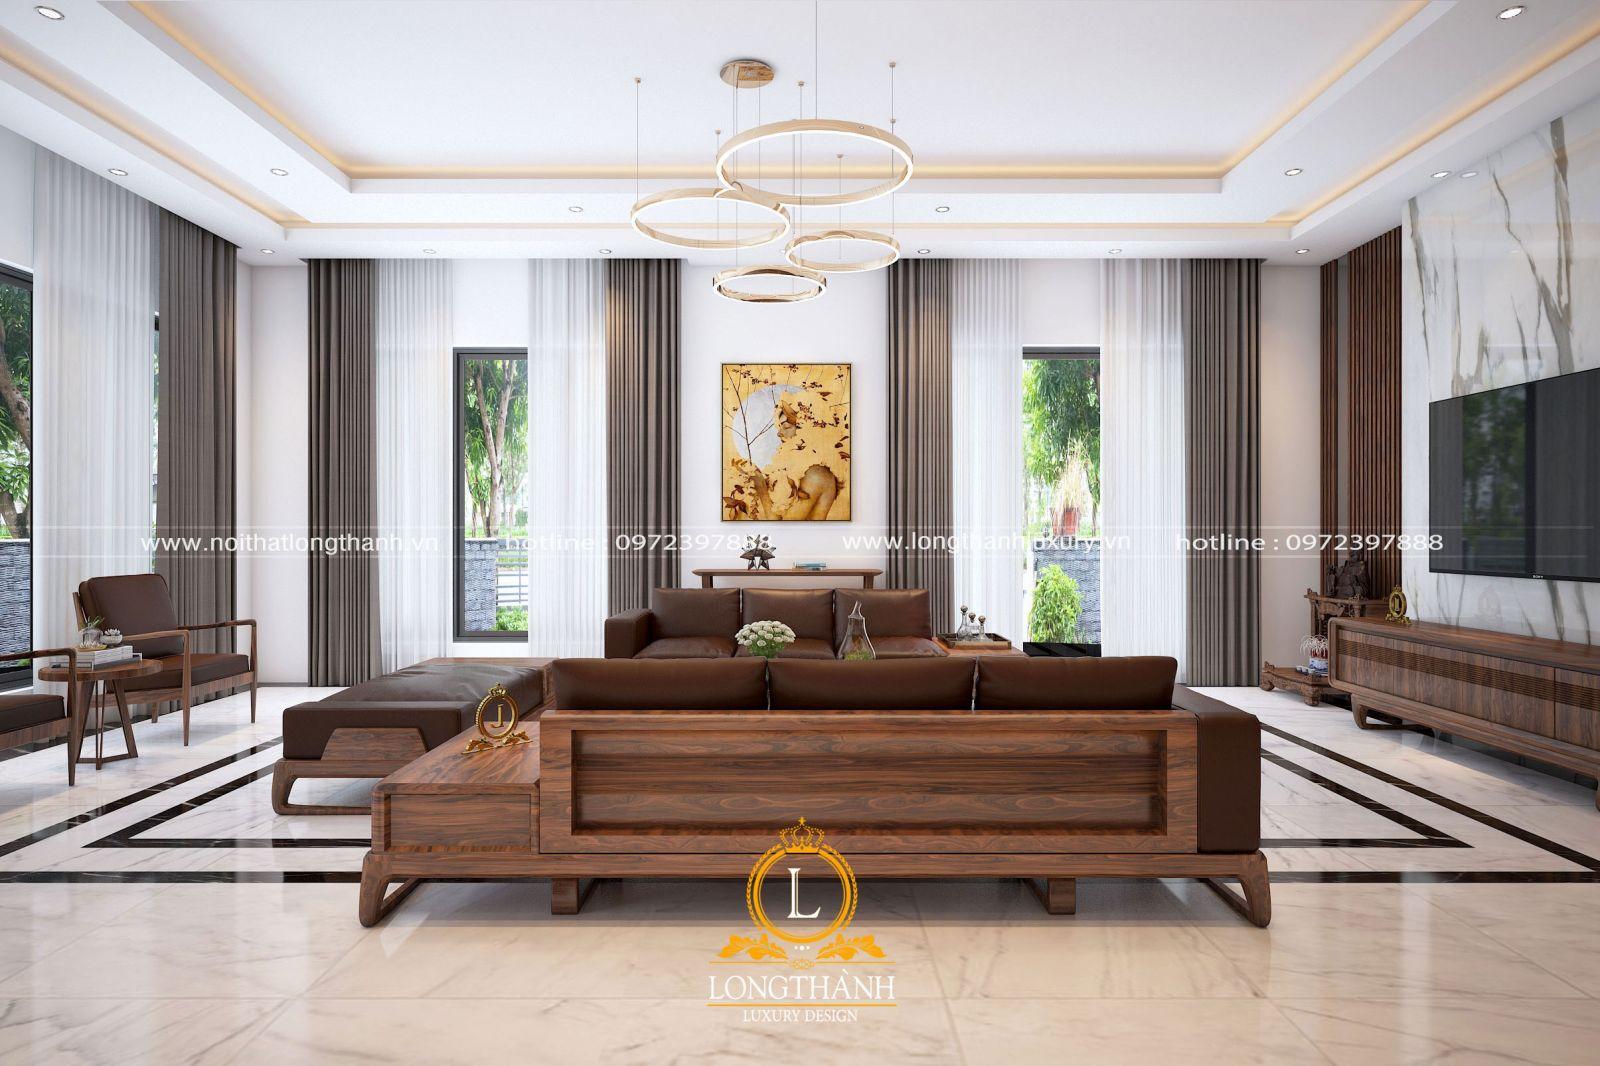 Phòng khách hiện đại đẹp với không gian thông thoáng